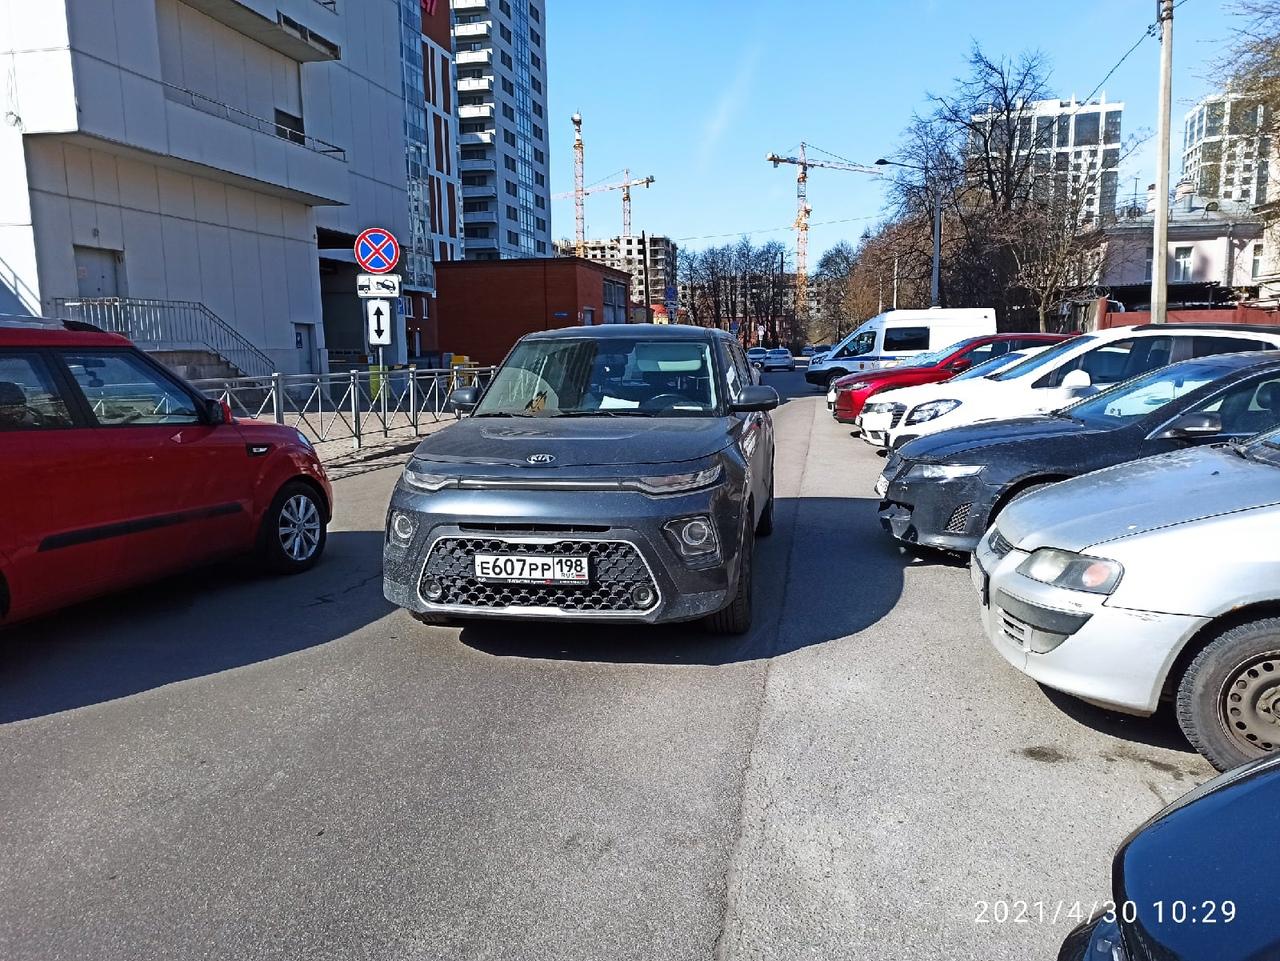 Случай сегодня. Припарковался по правилам около здания УМВД по Московскому району в Детском переулке...